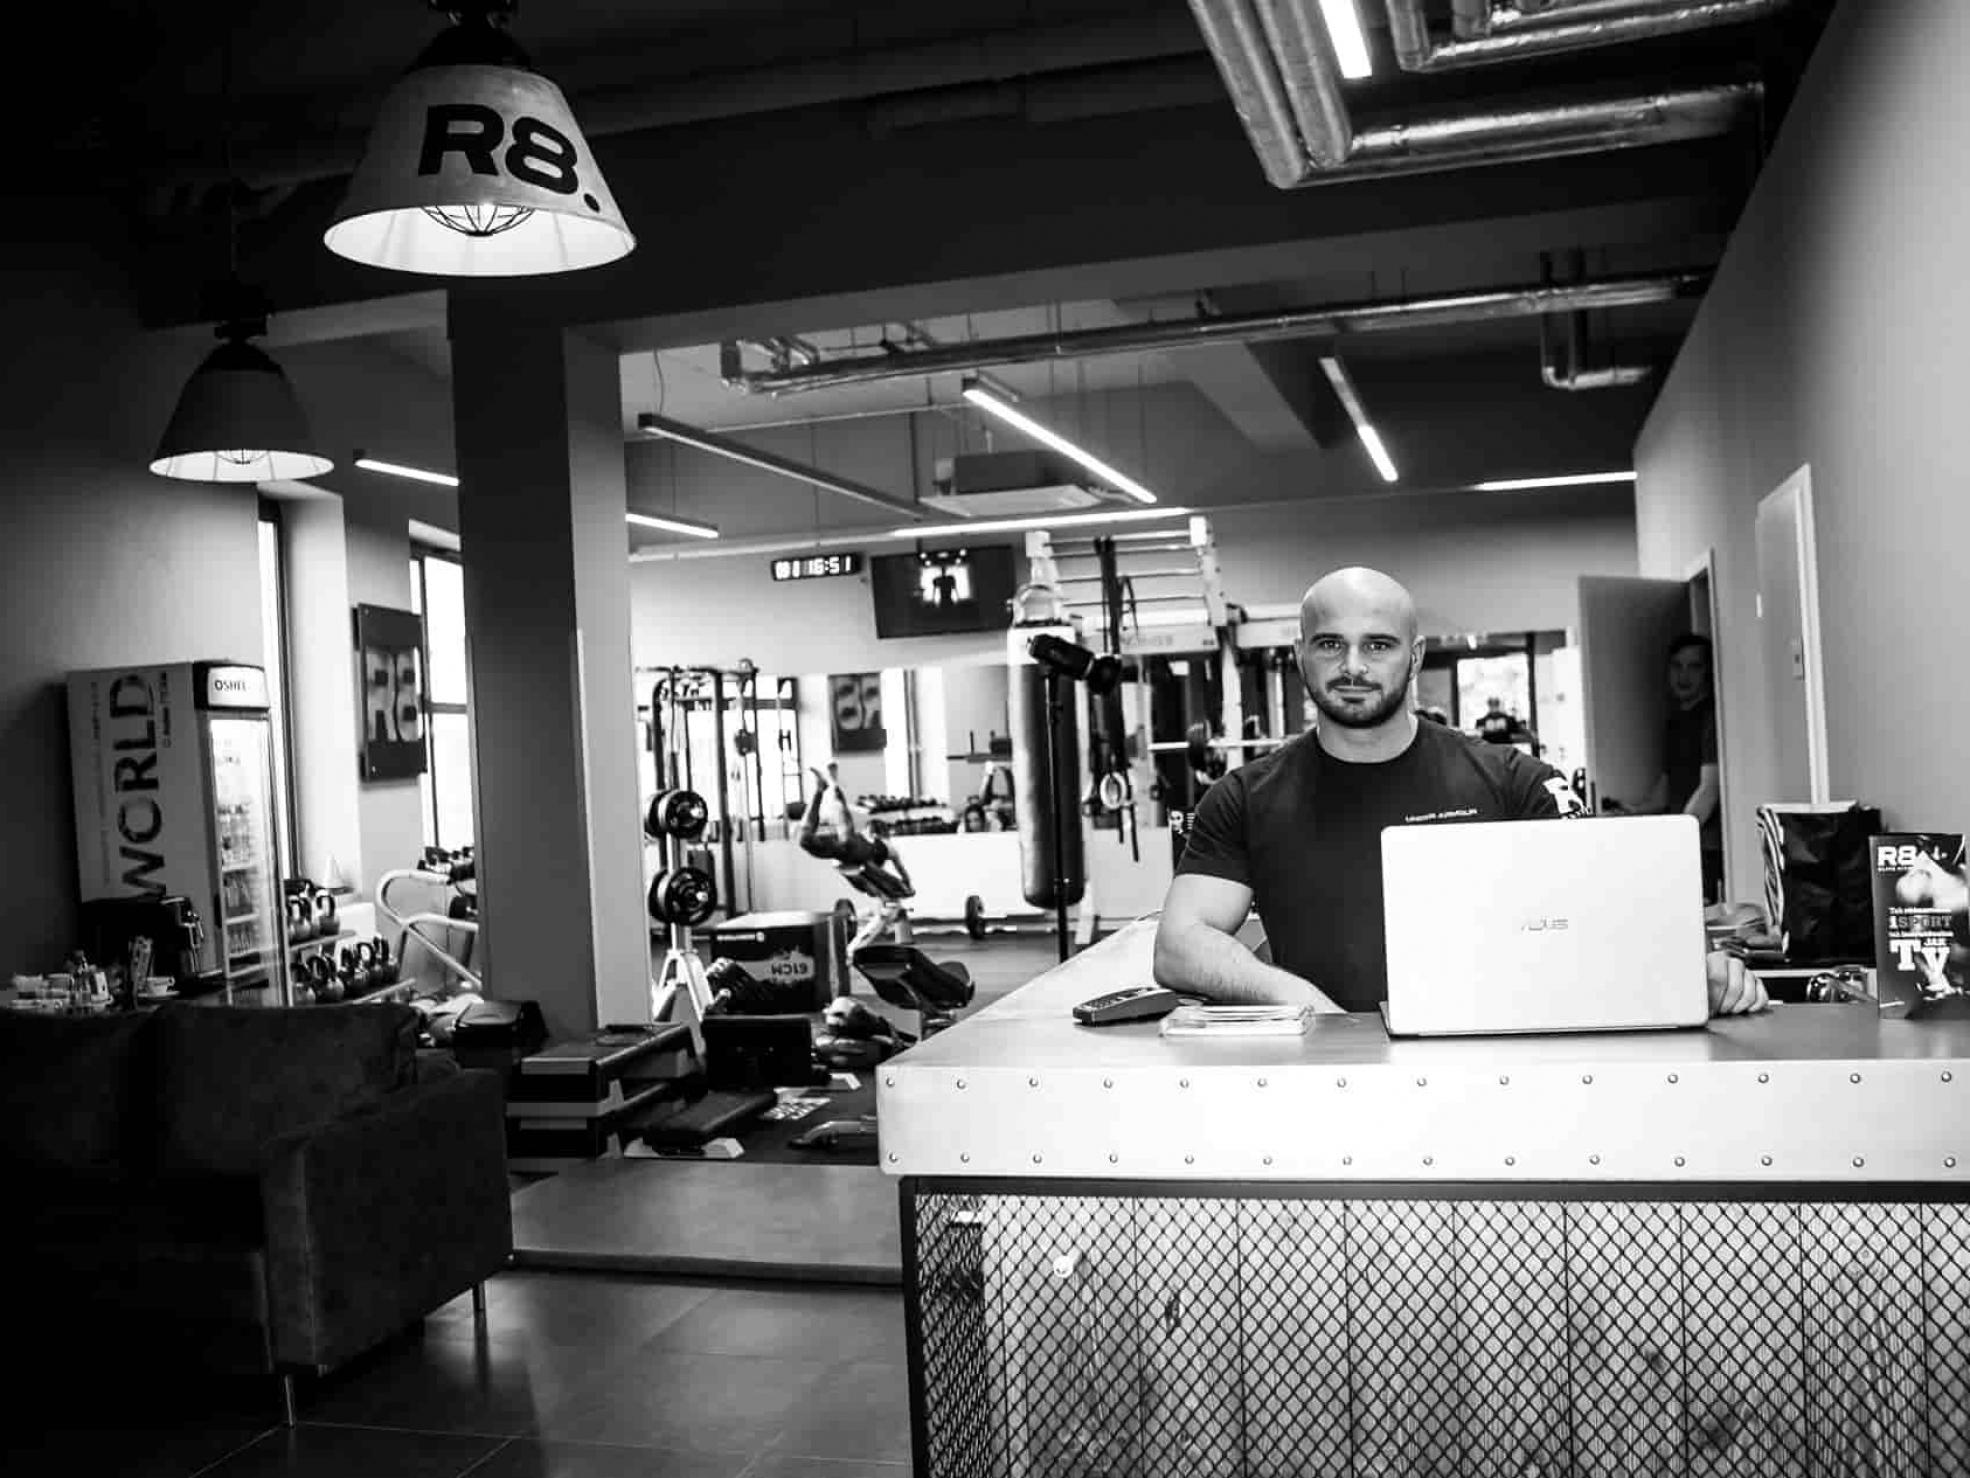 Mirosław Marcinek wrecepcji R8 Elite Fitness